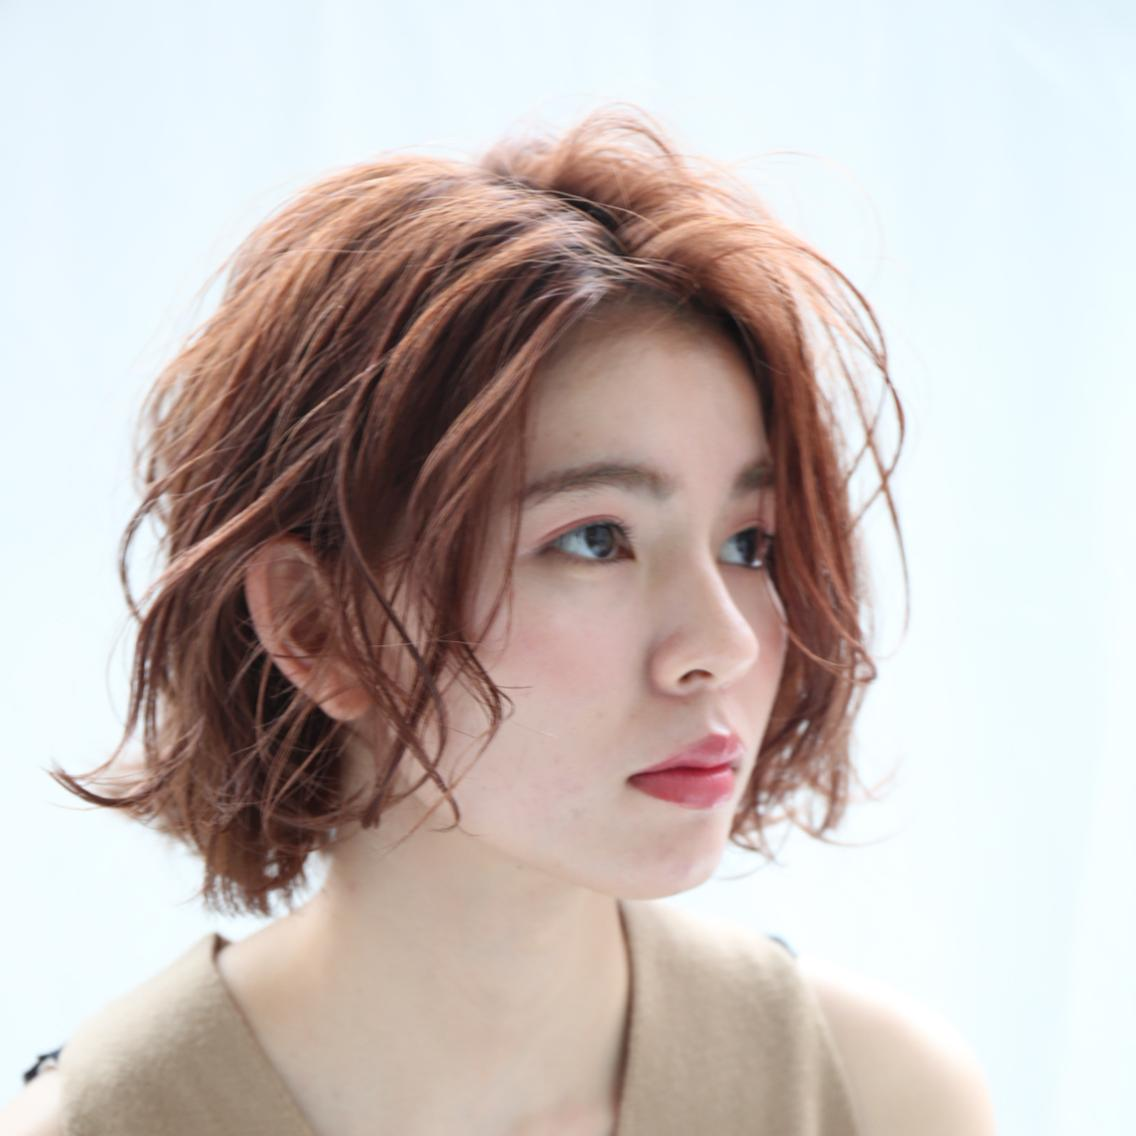 ⭐️横浜駅徒歩5分⭐️当日予約大歓迎‼️minimo限定クーポン掲載⭐️赤味のないカラーや透明感のあるカラーが得意です✨日本人の髪質に合わせたAujua取扱店です⭐️